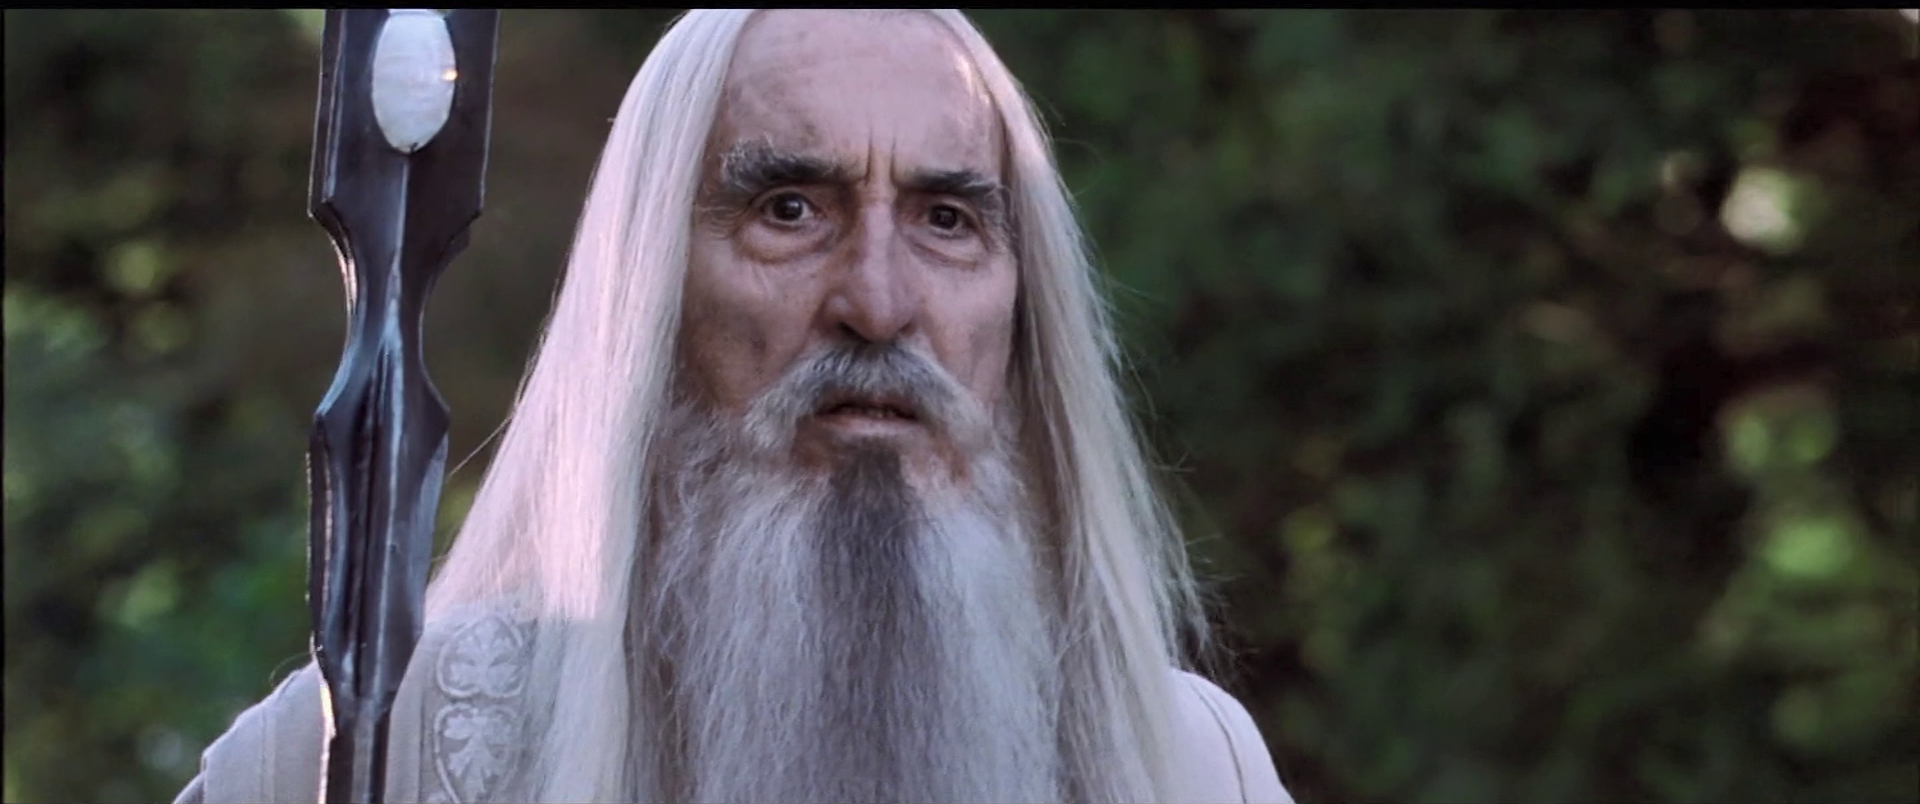 The Lord of the Rings : The Fellowship of the Ring (Le seigneur des anneaux : La communauté de l'anneau, 2001) de Peter Jackson : la Dame de Lorien (HD)